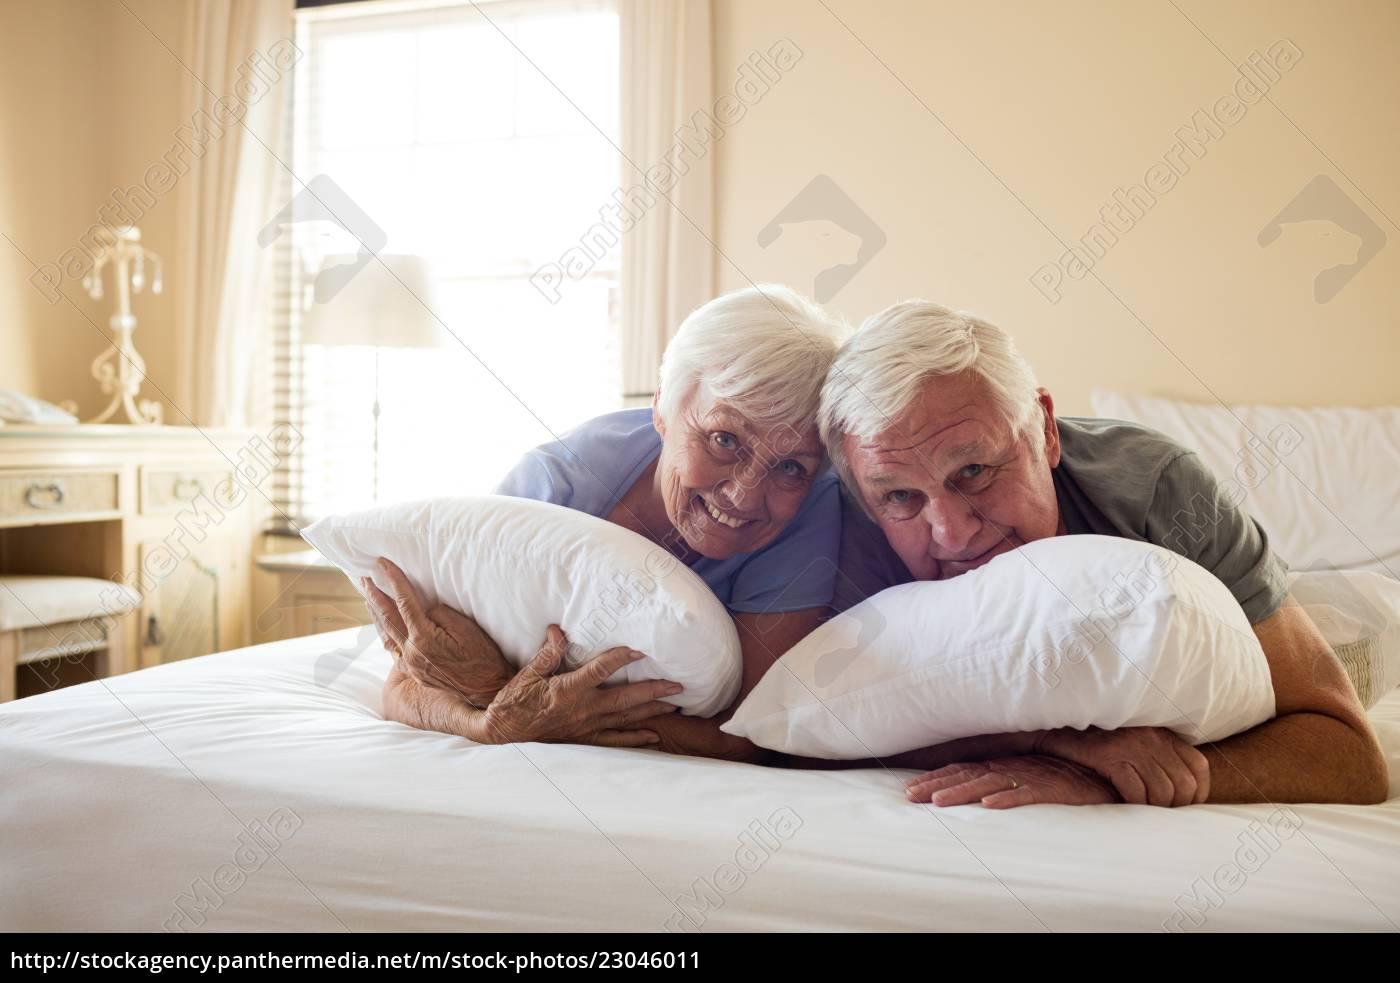 Gluckliche Altere Paare Die Auf Bett Liegen Lizenzfreies Bild